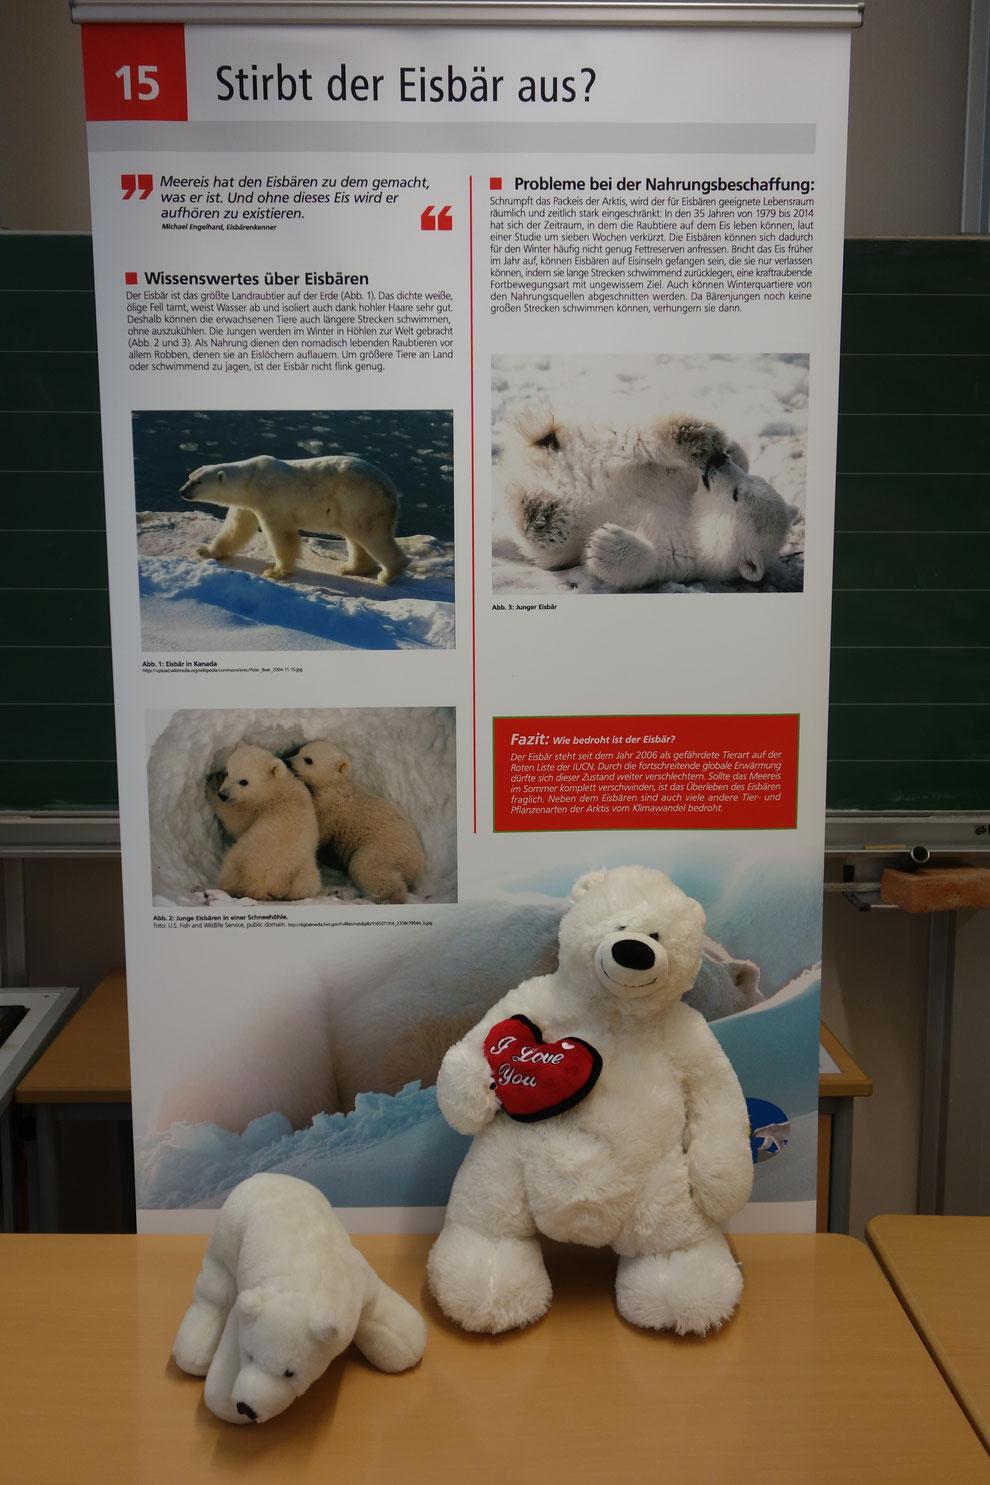 Eisbären sind Sympathieträger für den Klimaschutz, ihr Lebensraum ist durch den Klimawandel bedroht.